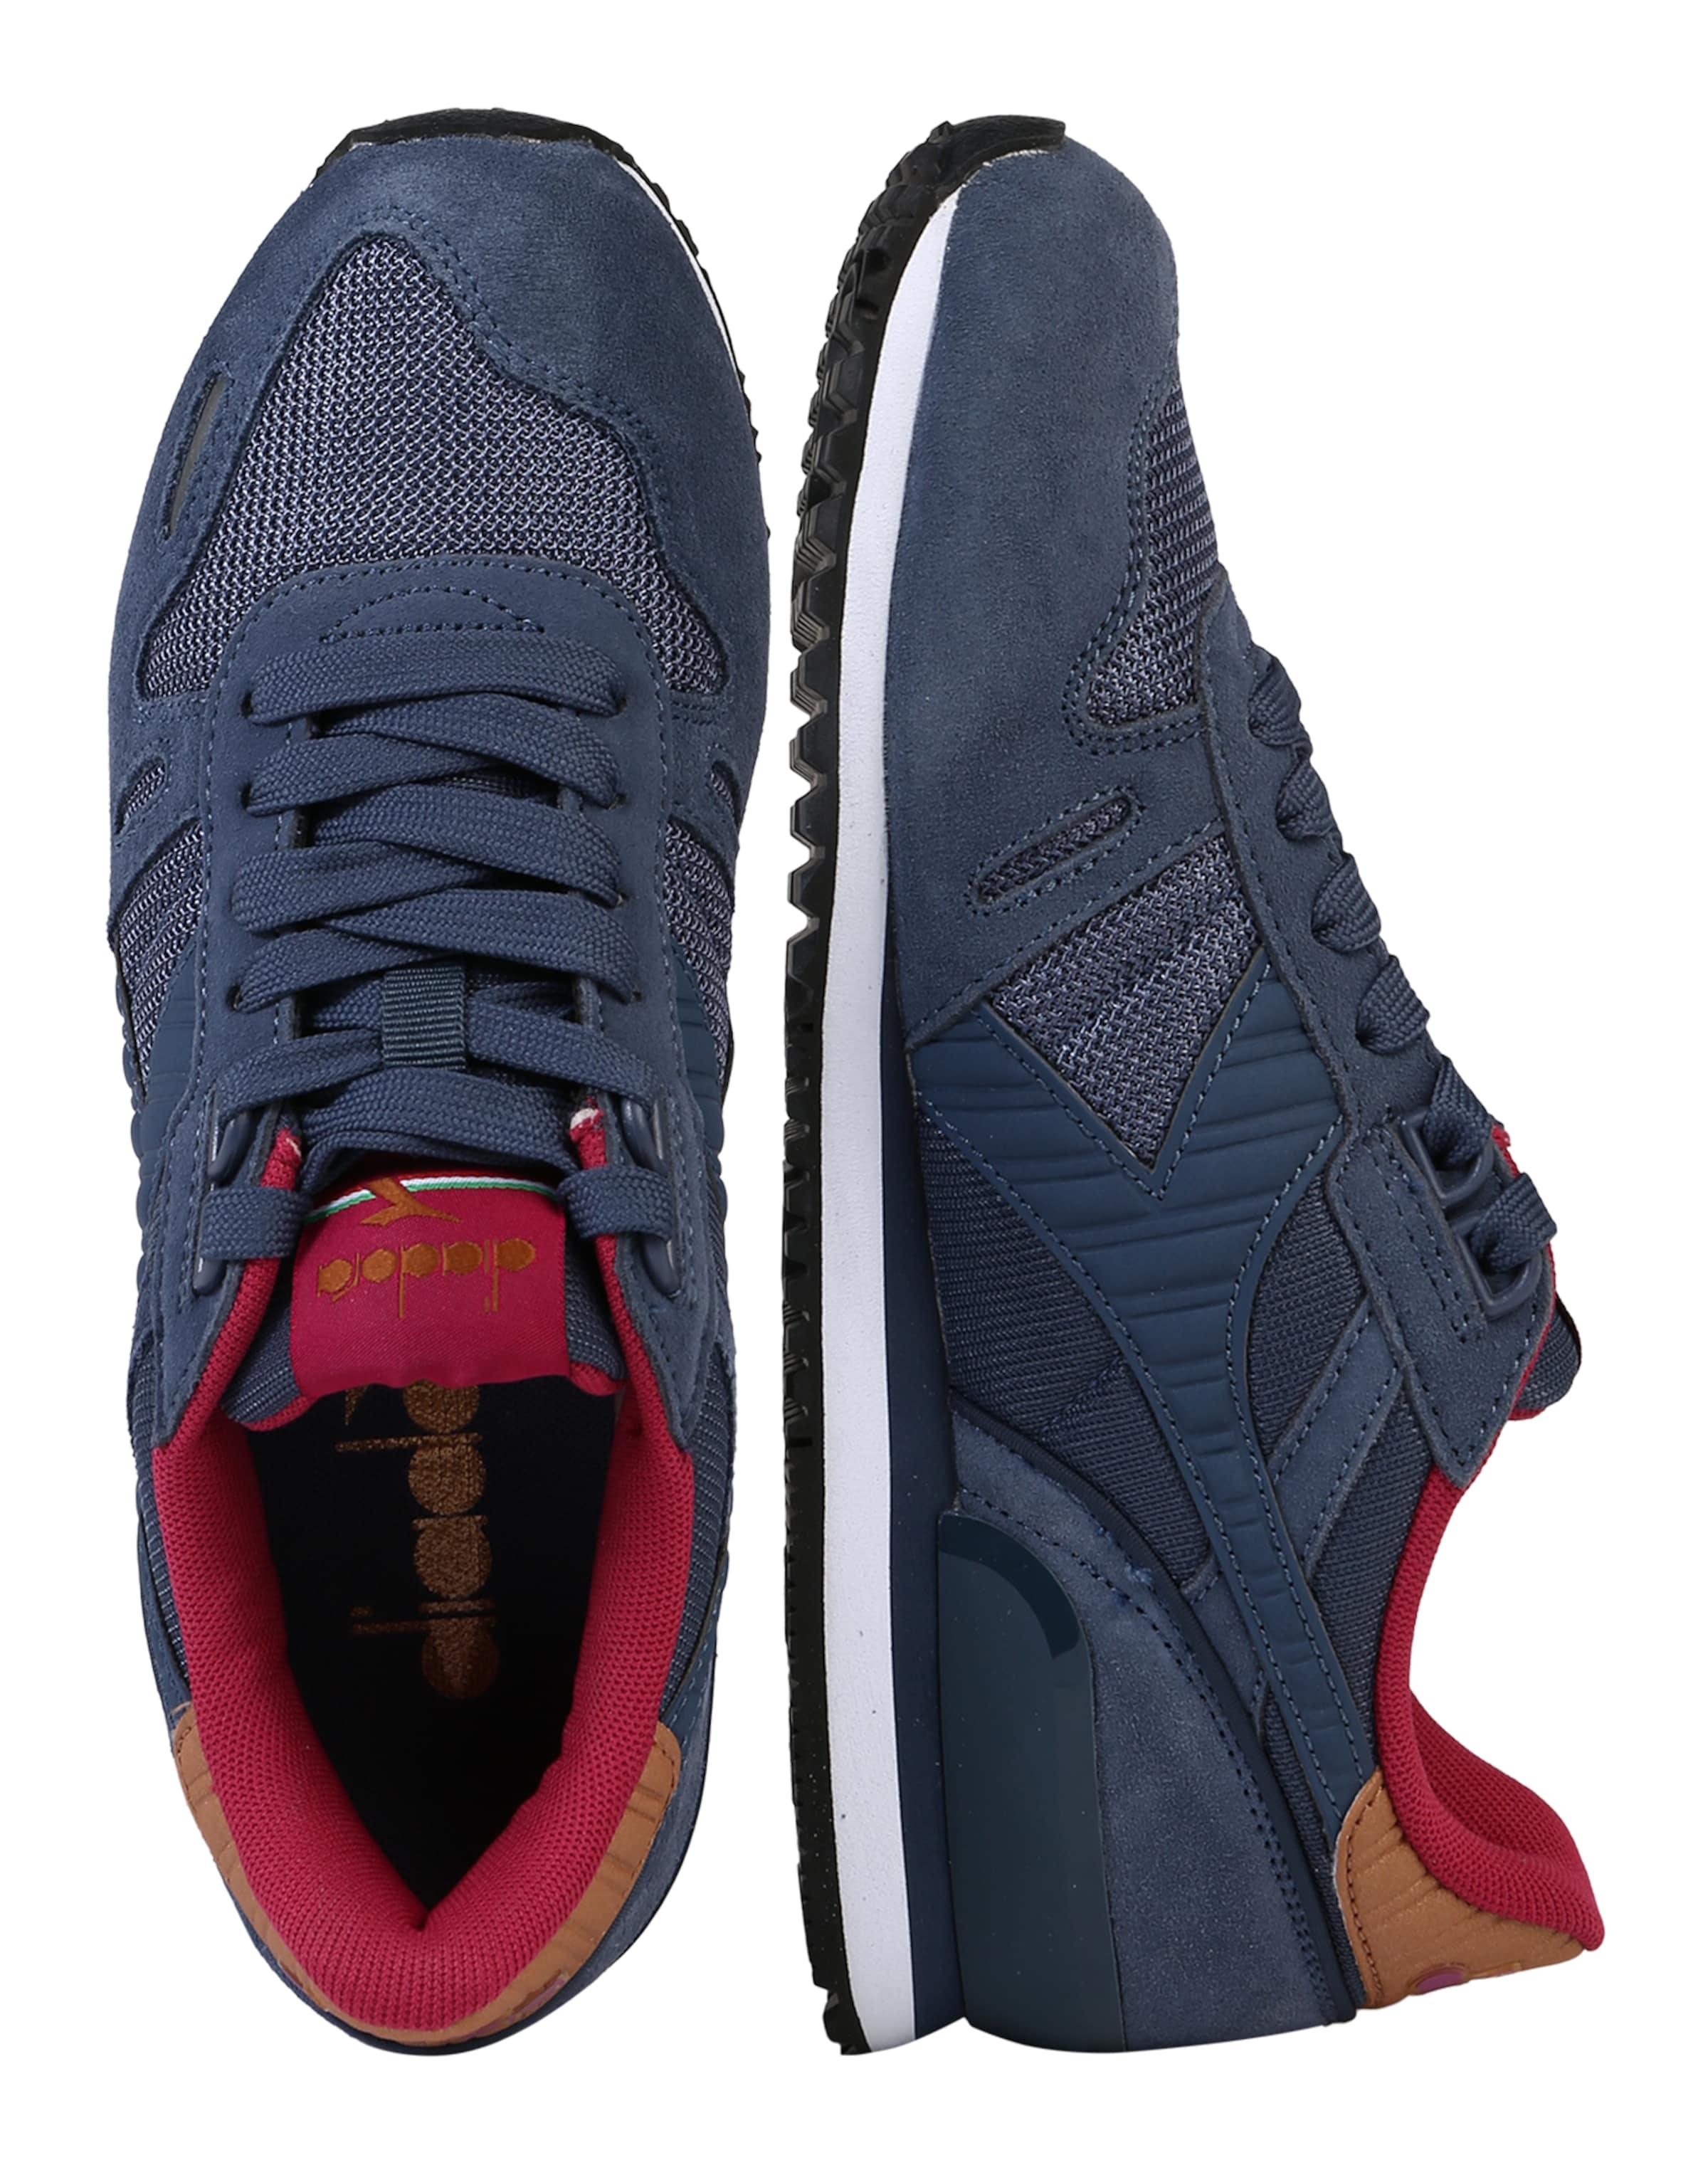 Erkunden Diadora Sneaker 'Titan' Rabatt Angebote Hohe Qualität Online Kaufen Komfortabel Günstig Online RbLC8Dcuk